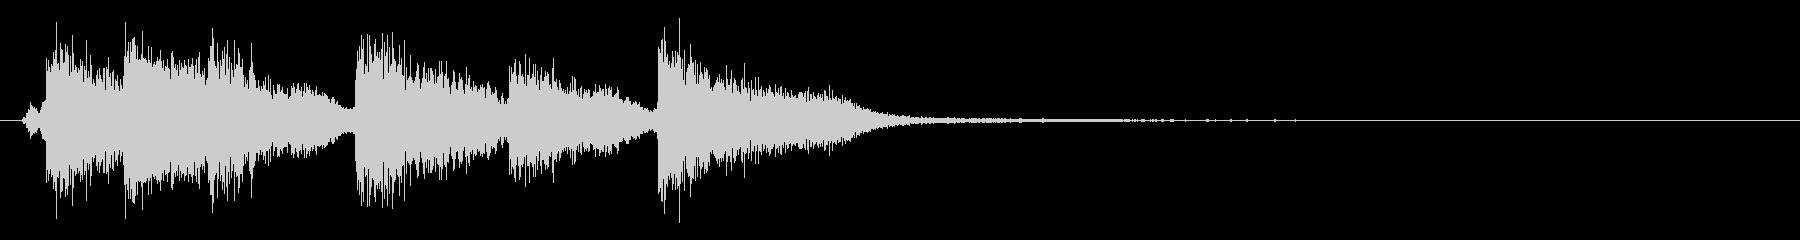 バロック5 レアカード レベルアップの未再生の波形